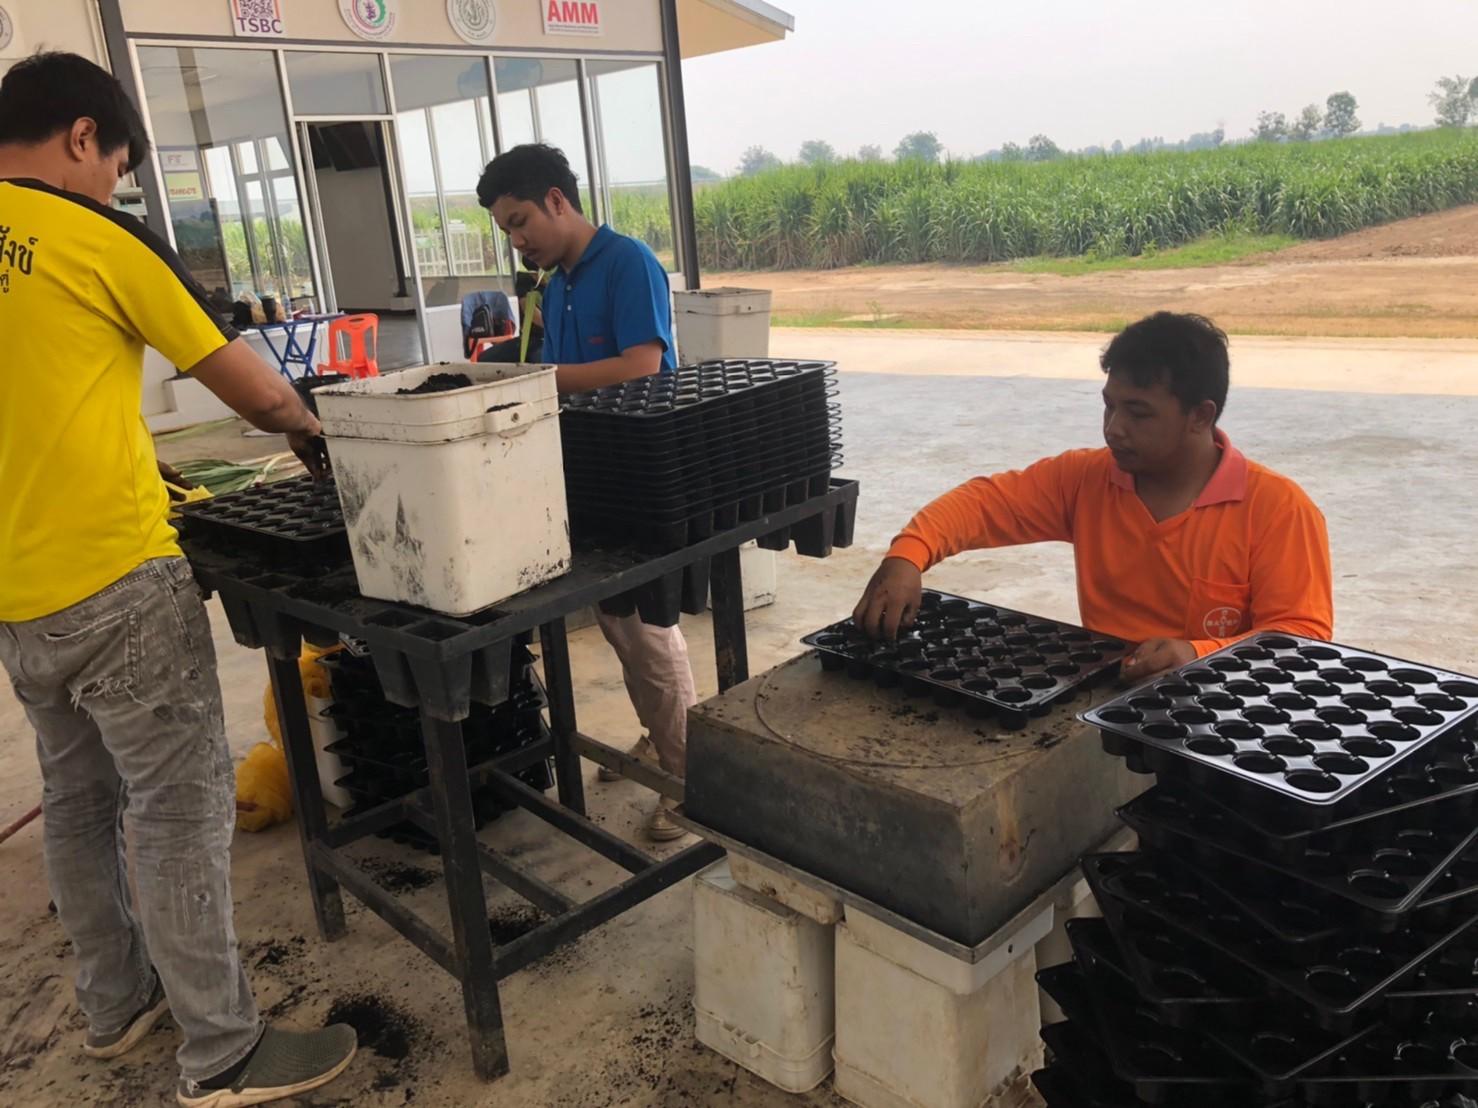 เมื่อวันที่ 4 เมษายน 2563 ที่ผ่านมา ทีมงานทดสอบโรคแส่ดำได้เข้าทดสอบโรค ณ ศูนย์การปรับปรุงพันธุ์อ้อยแห่งประเทศไทย (Thailand Sugarcane Breeding Center)